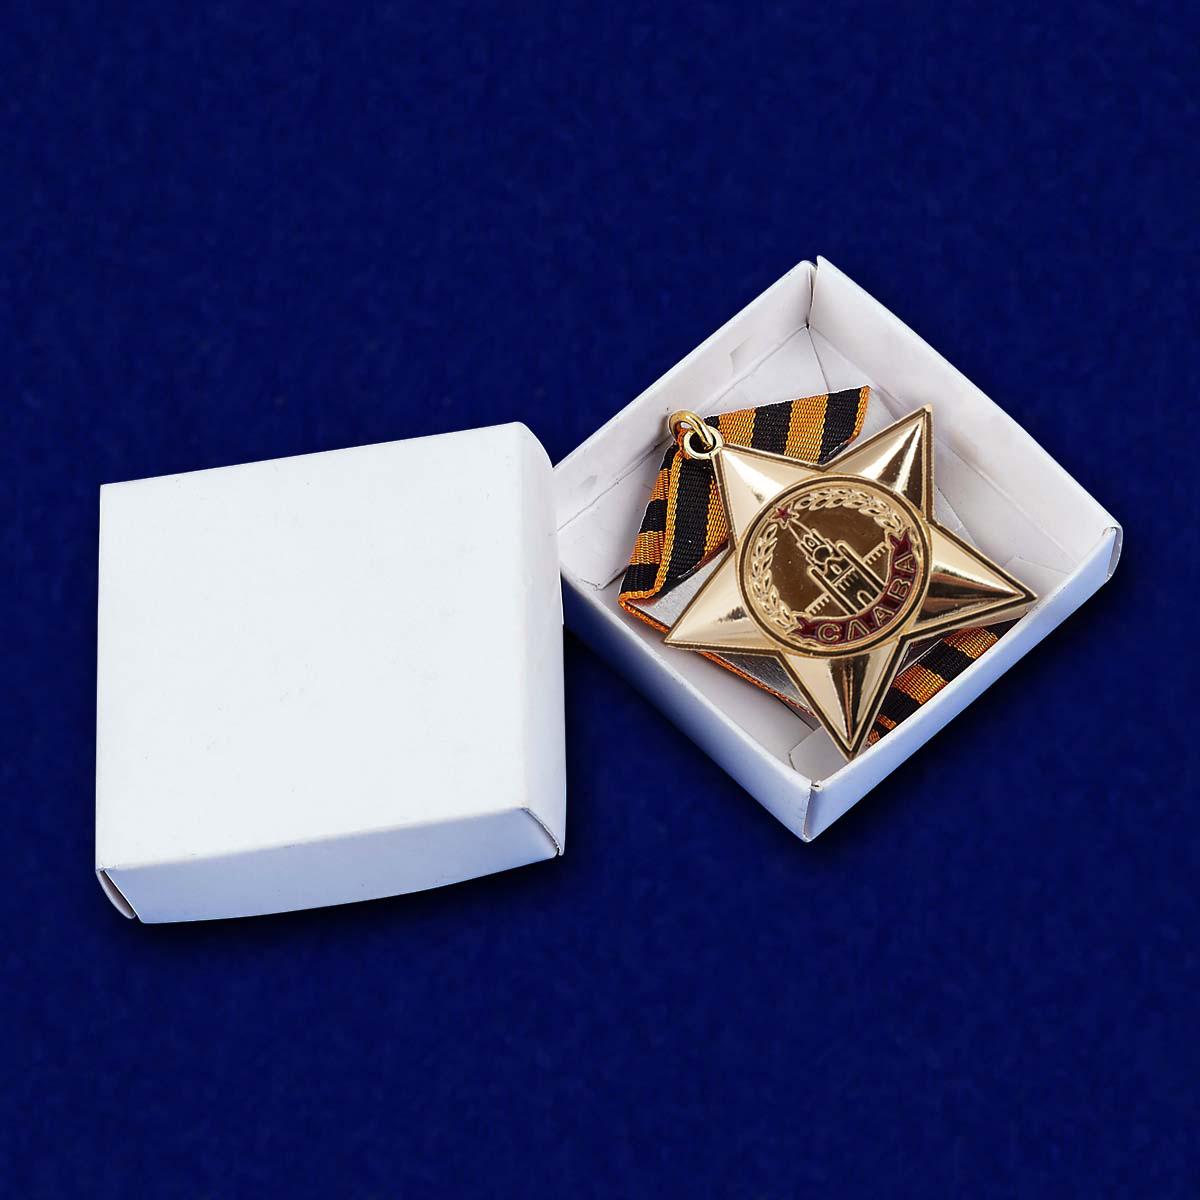 Орден Славы 1 степени на подставке